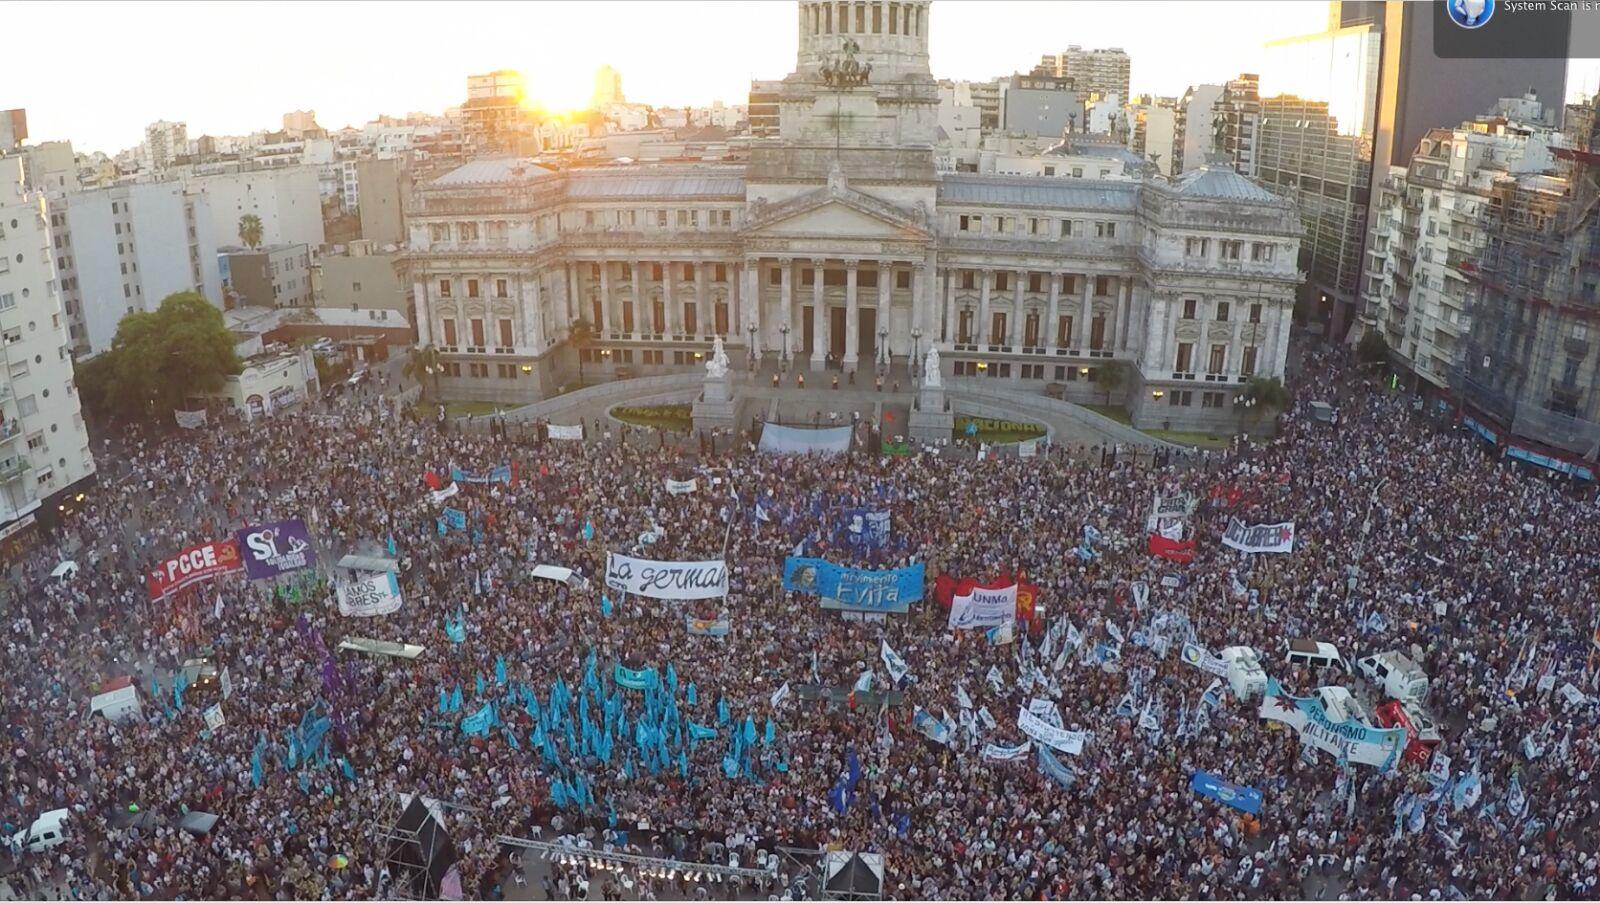 Plaza de los Dos Congresos